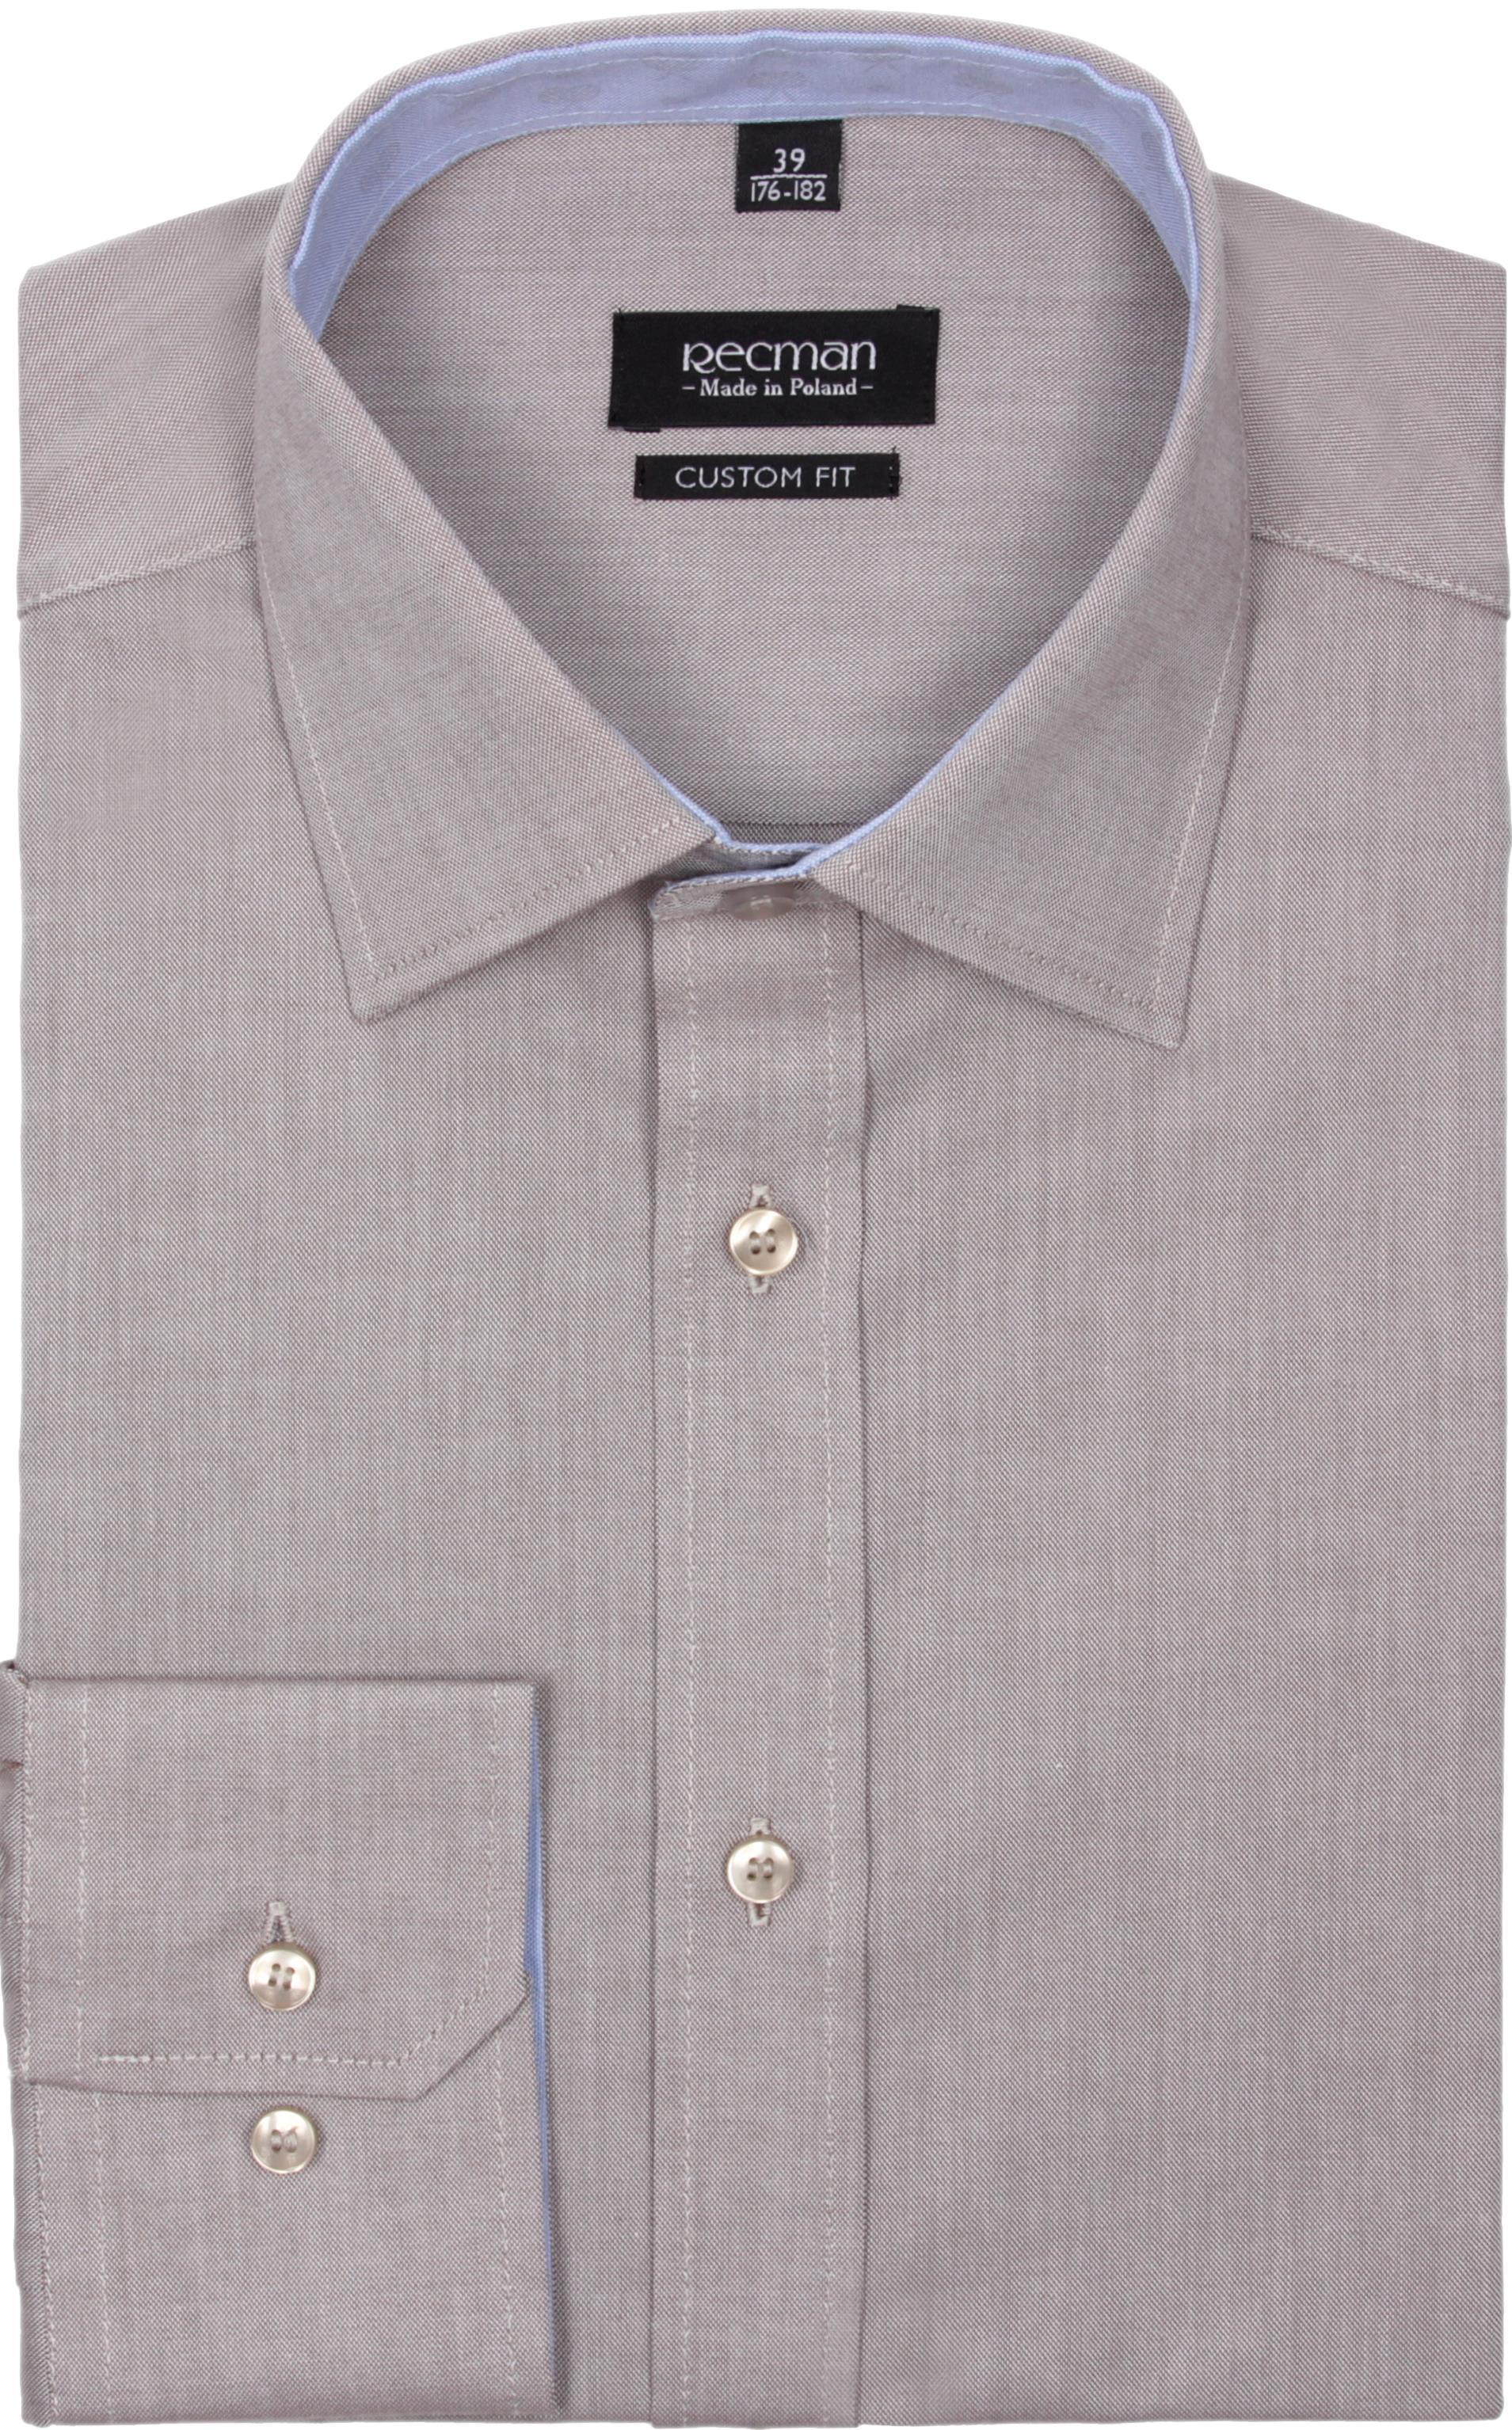 koszula bexley 2366 długi rękaw custom fit brąz